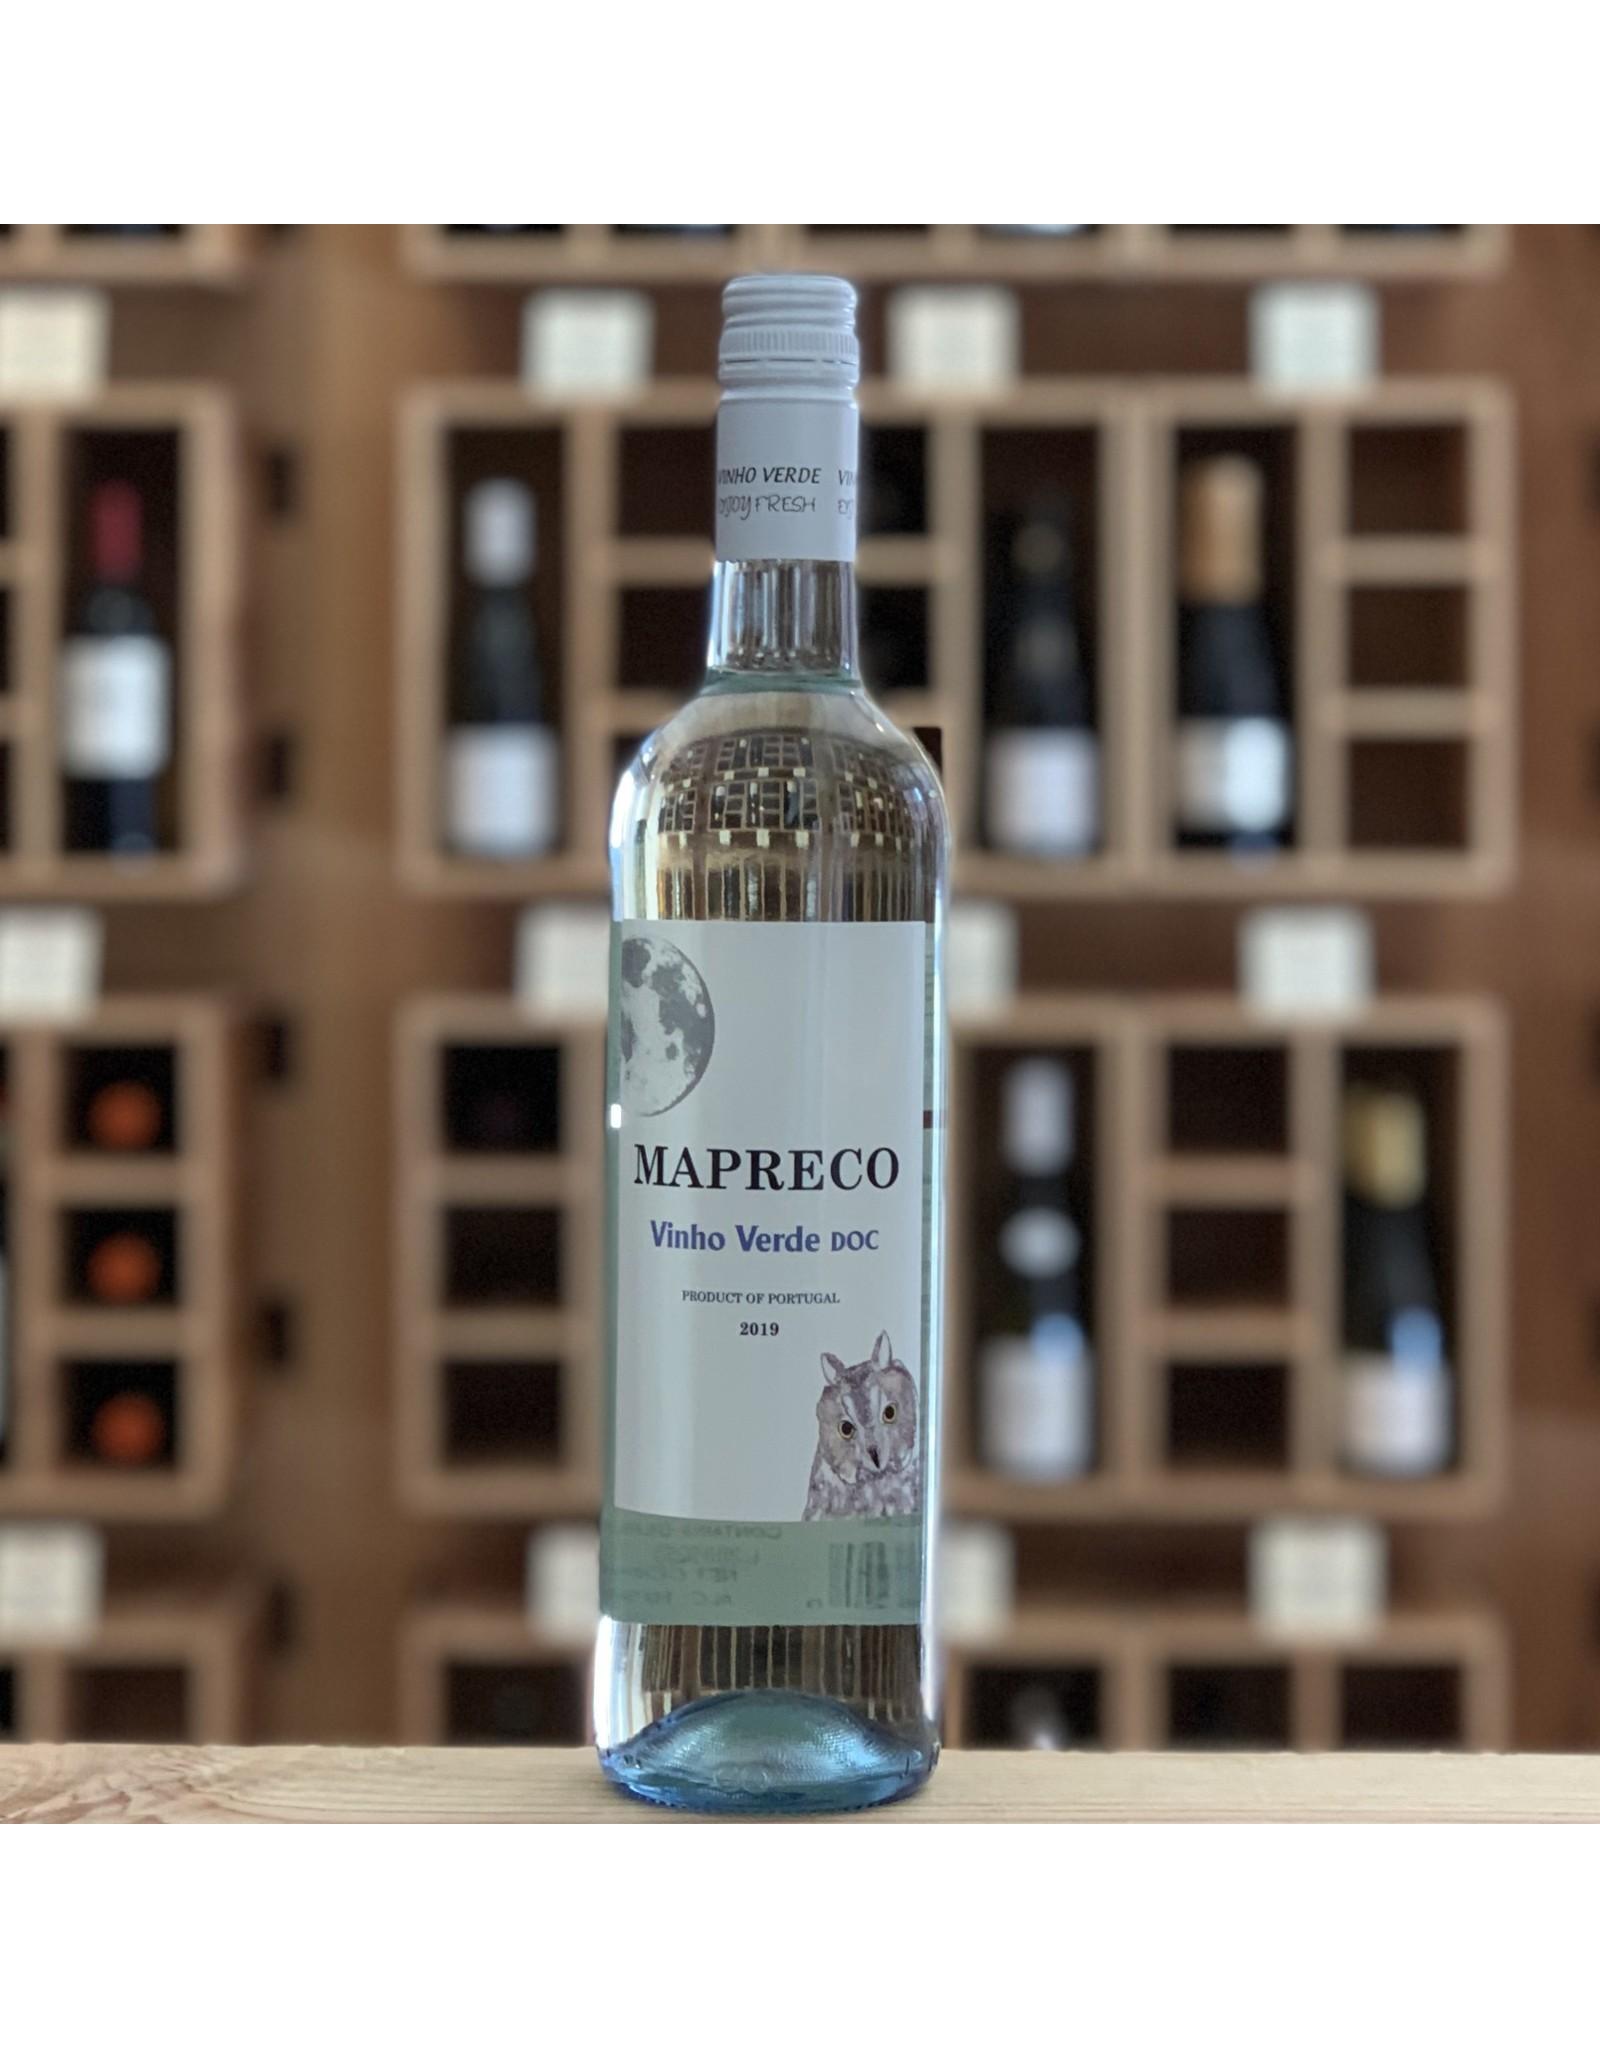 Portugal Mapreco Vinho Verde 2020 - Minho, Portugal